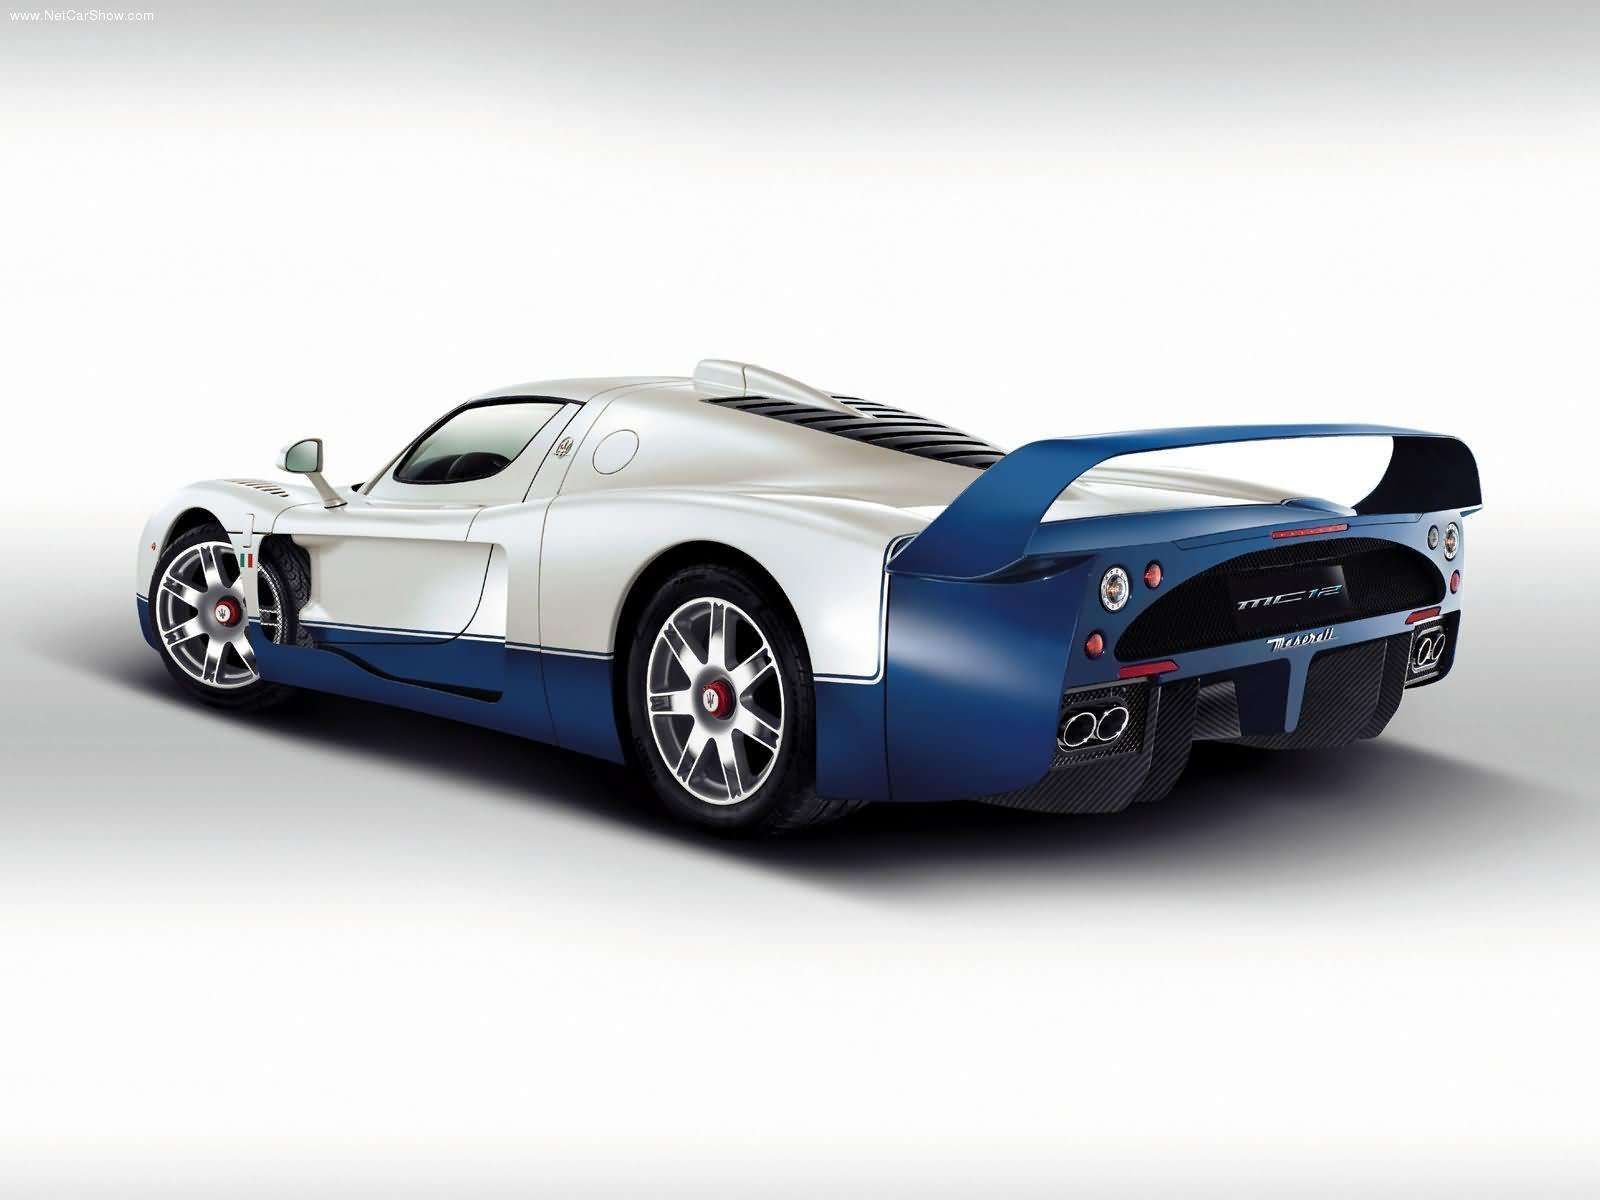 Hình ảnh siêu xe Maserati MC12 2004 & nội ngoại thất